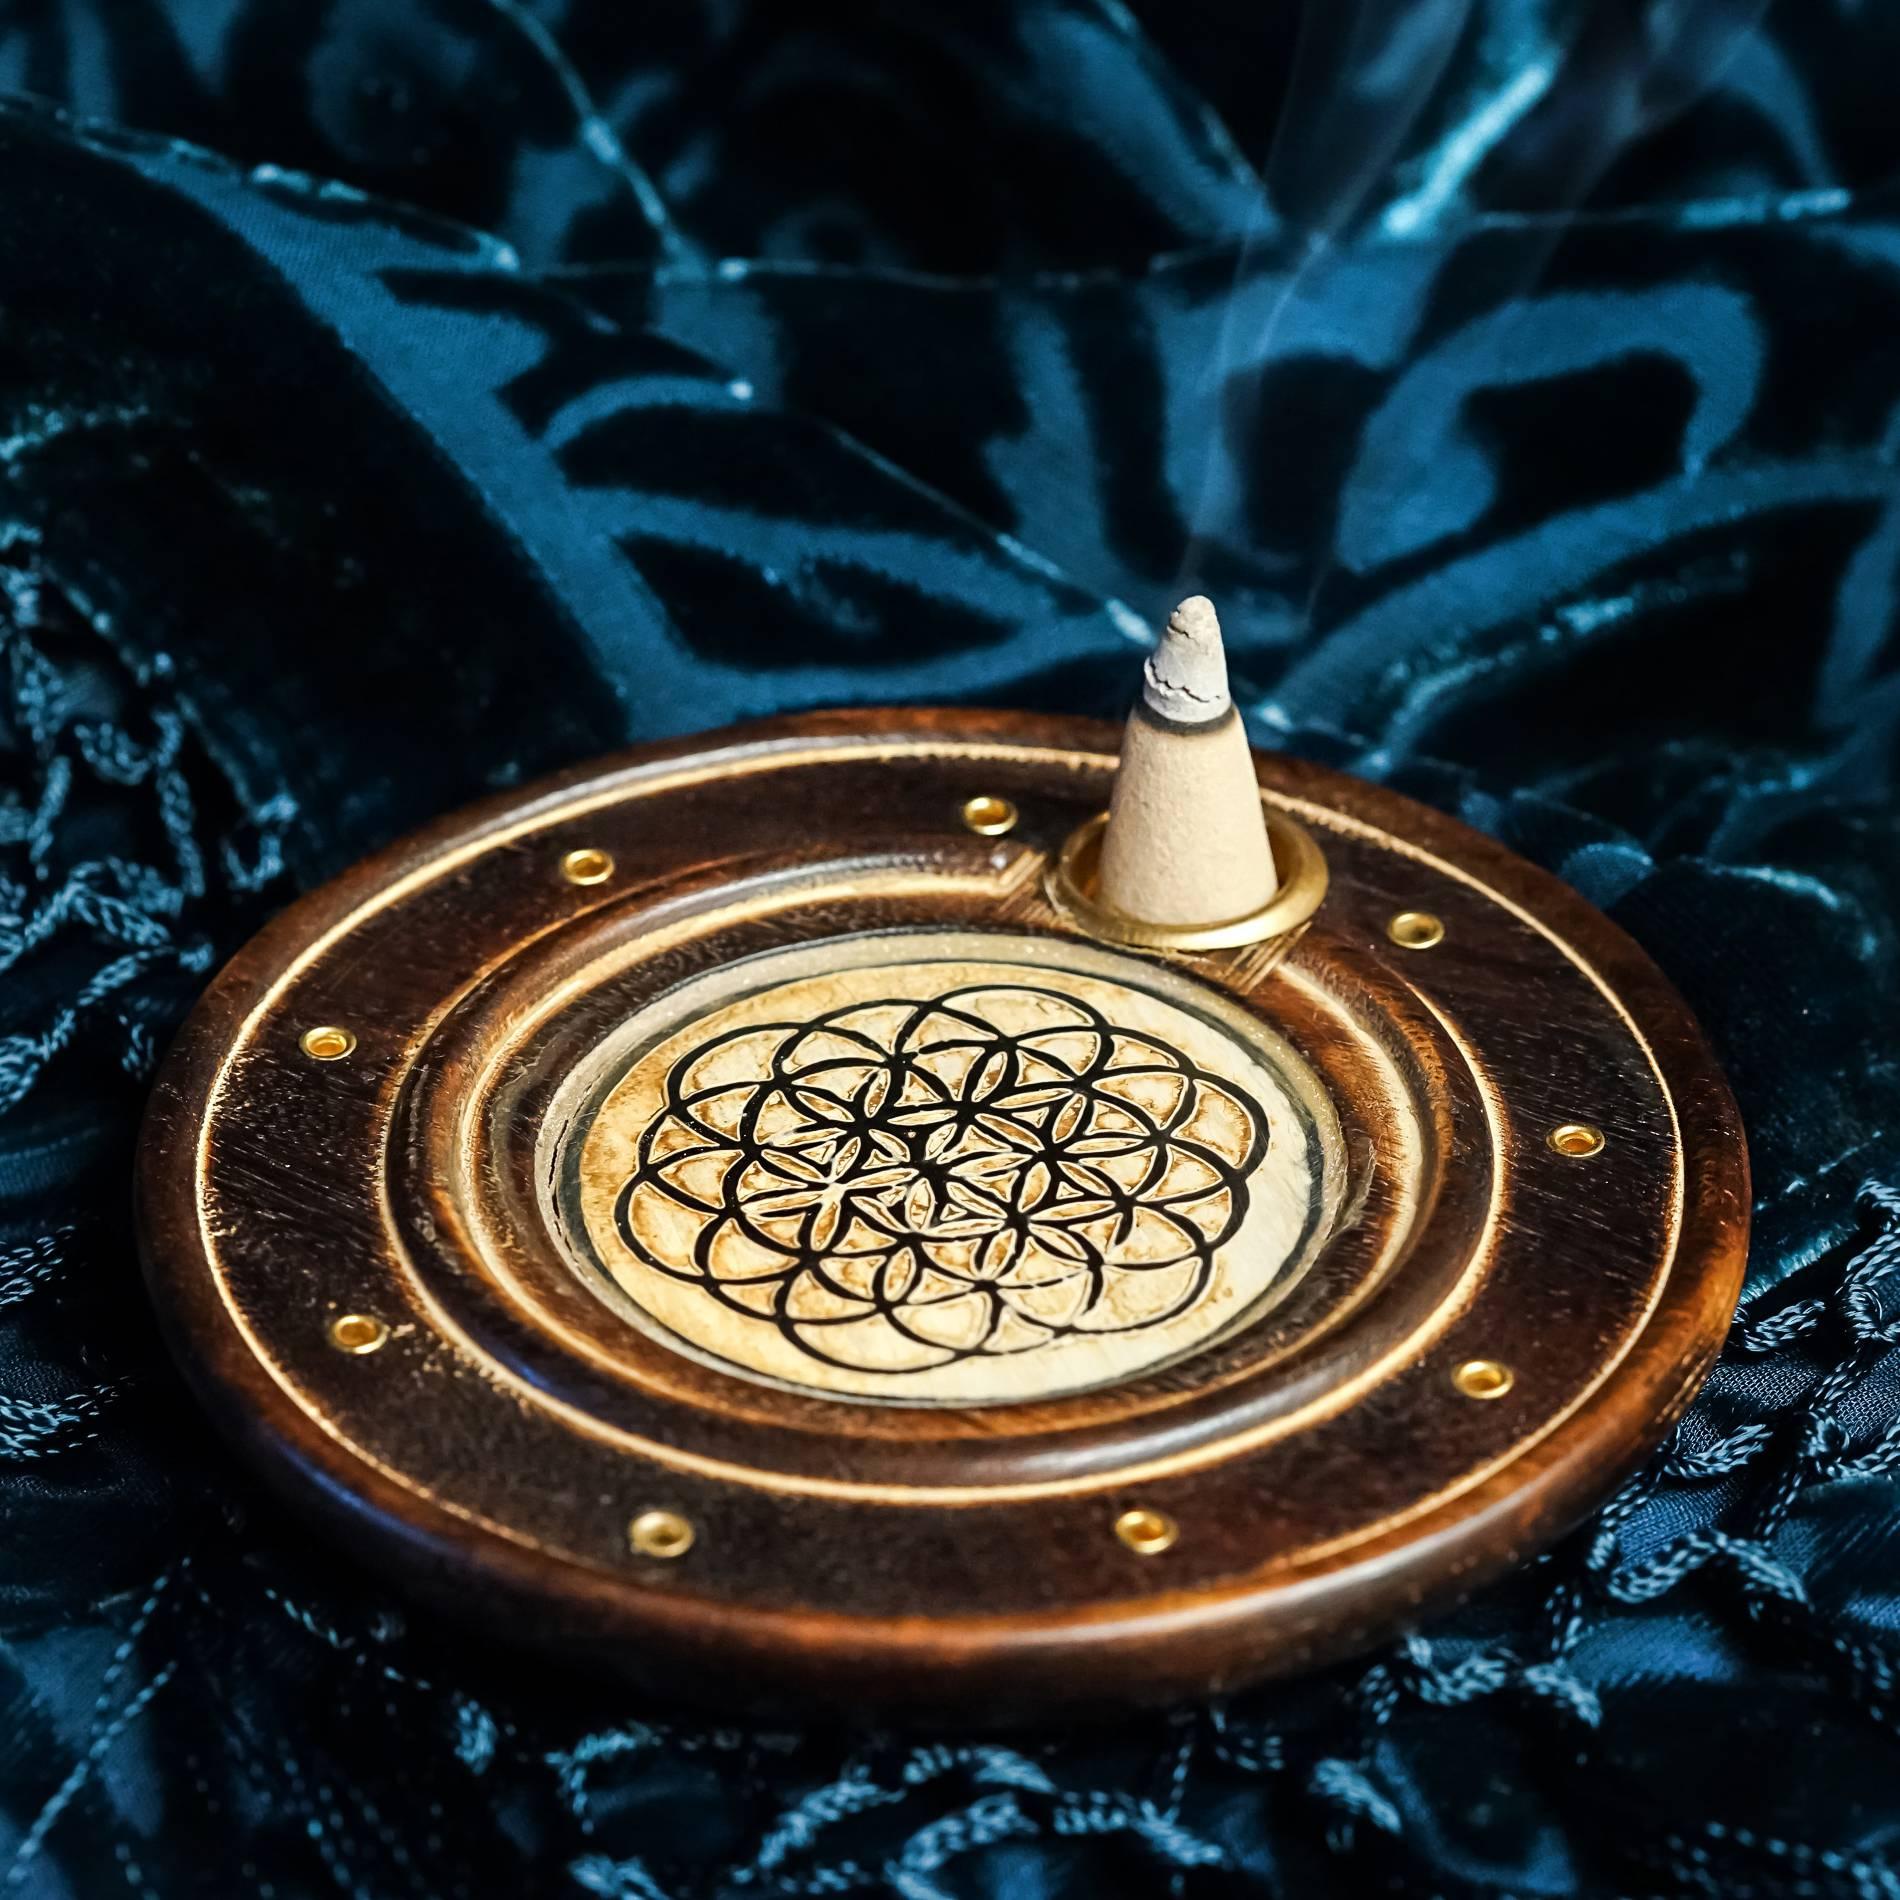 flower of life incense cone burner